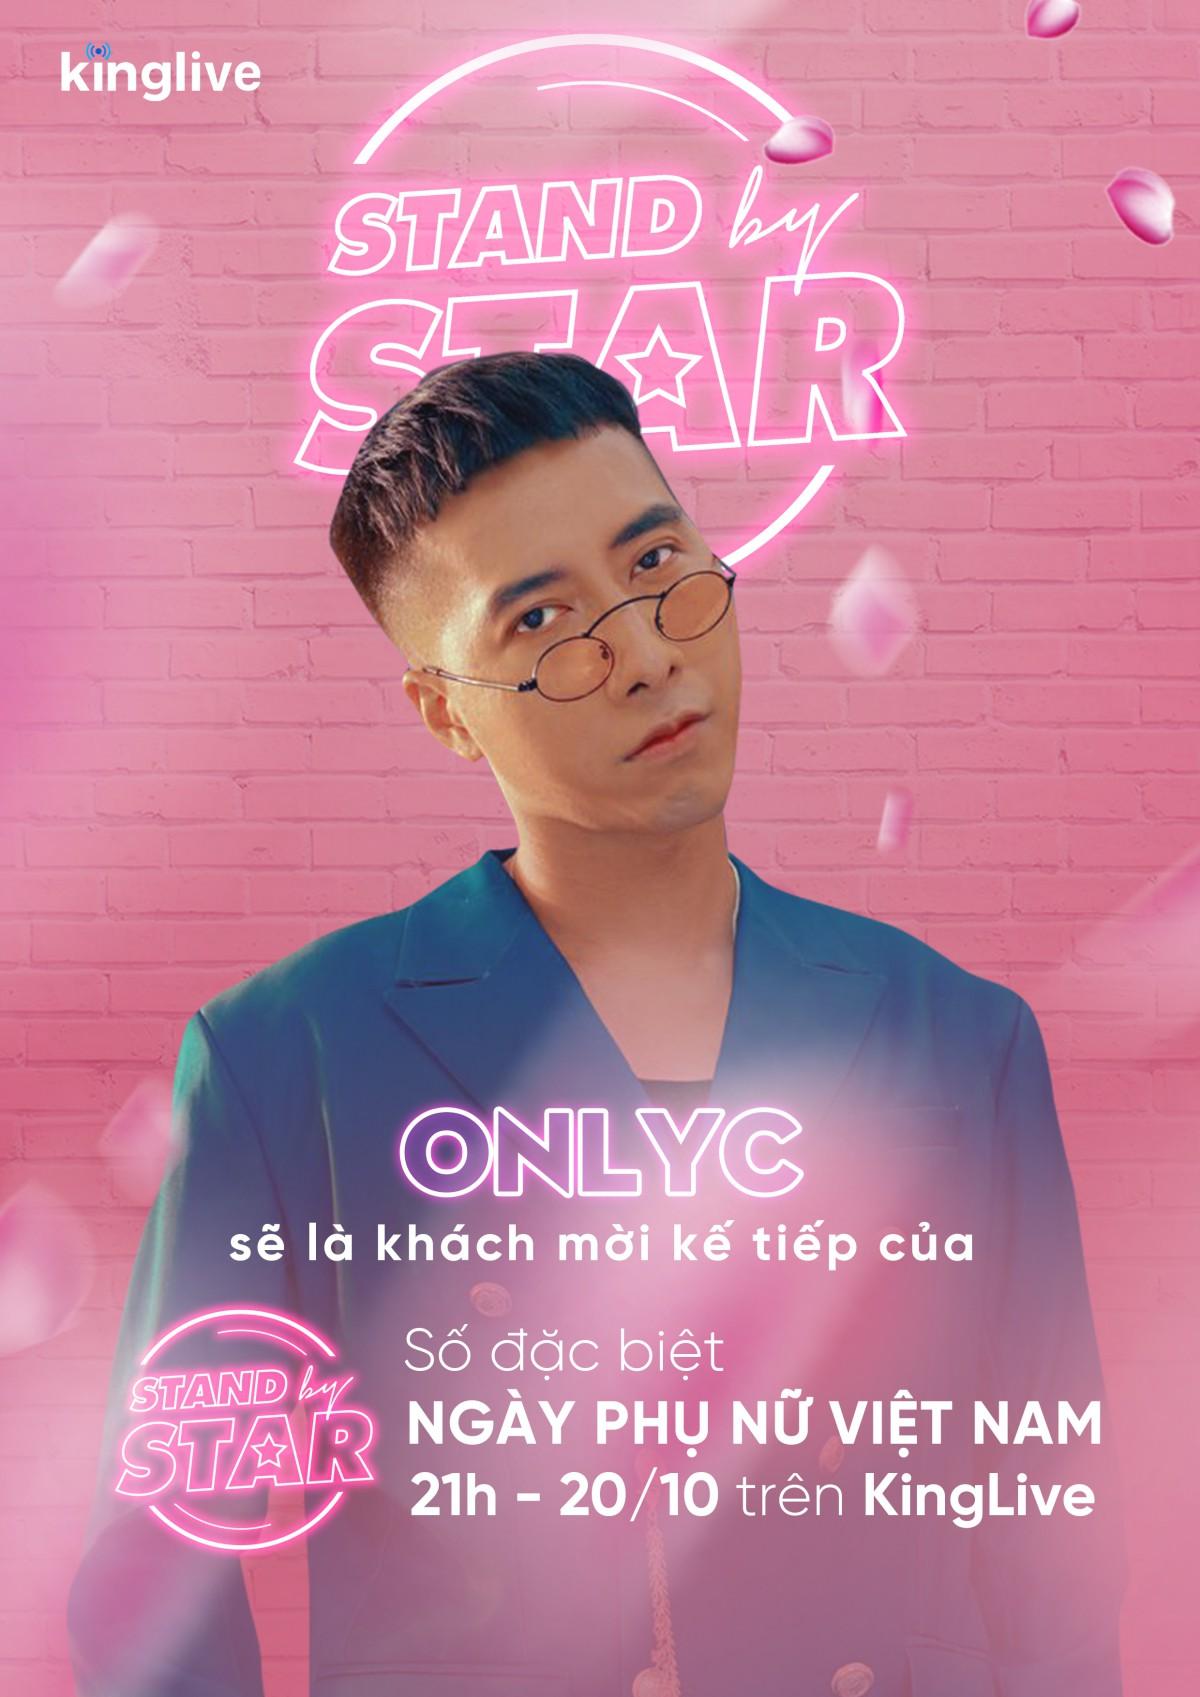 Dàn sao khủng Vbiz đổ bộ Stand By Star, hứa hẹn bùng nổ cảm xúc cùng ngày Phụ nữ Việt Nam 20/10 - Ảnh 5.